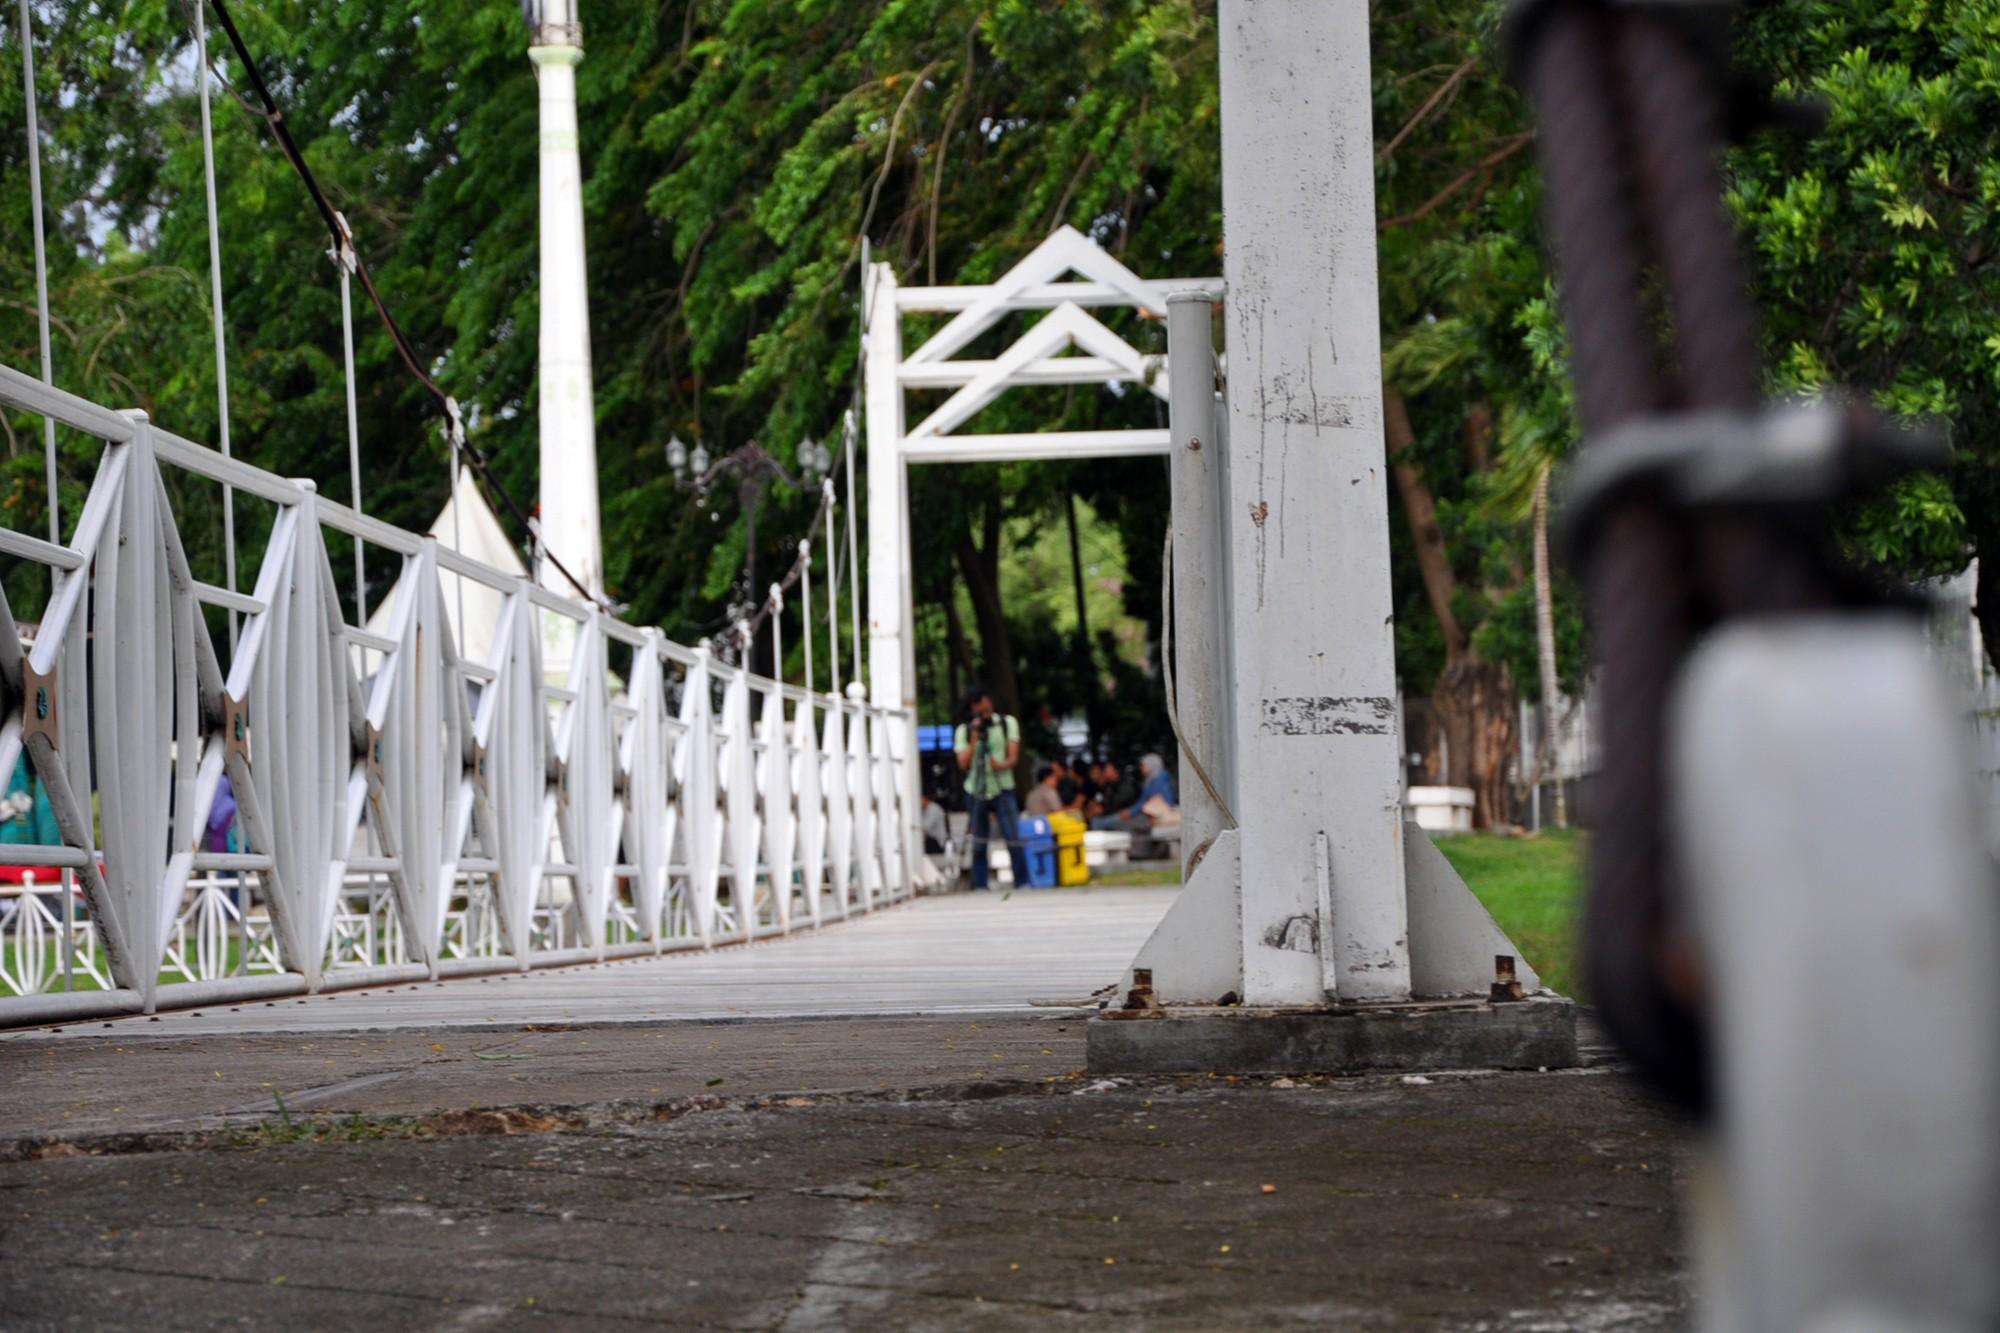 Sebuah Jembatan gantung di tengah Taman Putroe Phang menjadi tempat menarik untuk berfoto